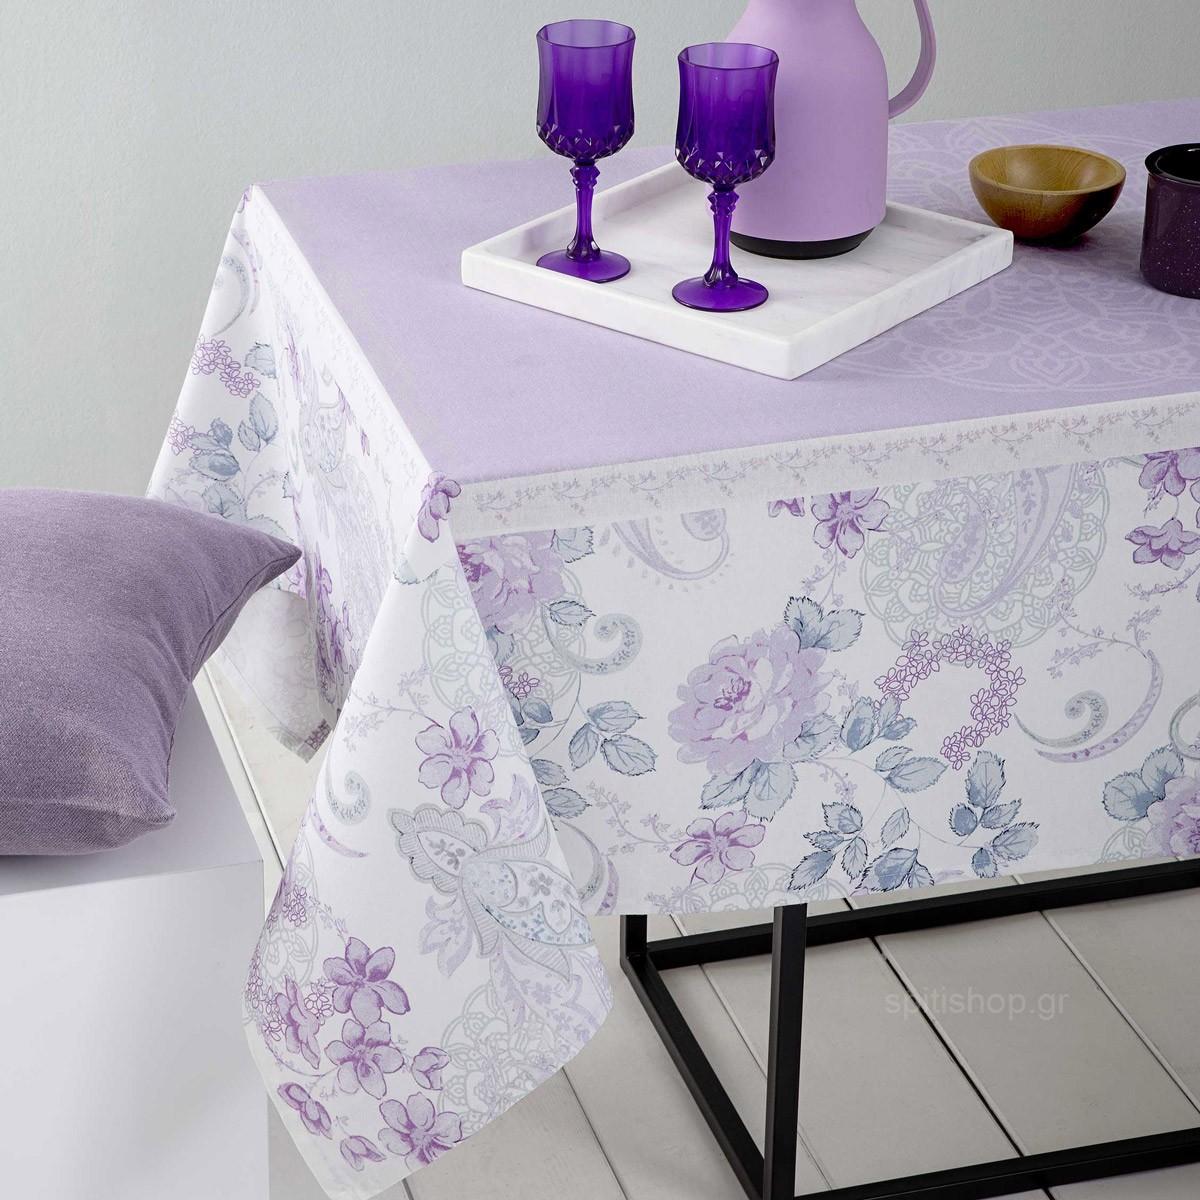 Τραπεζομάντηλο (140×250) Nima Table Linen Madessa